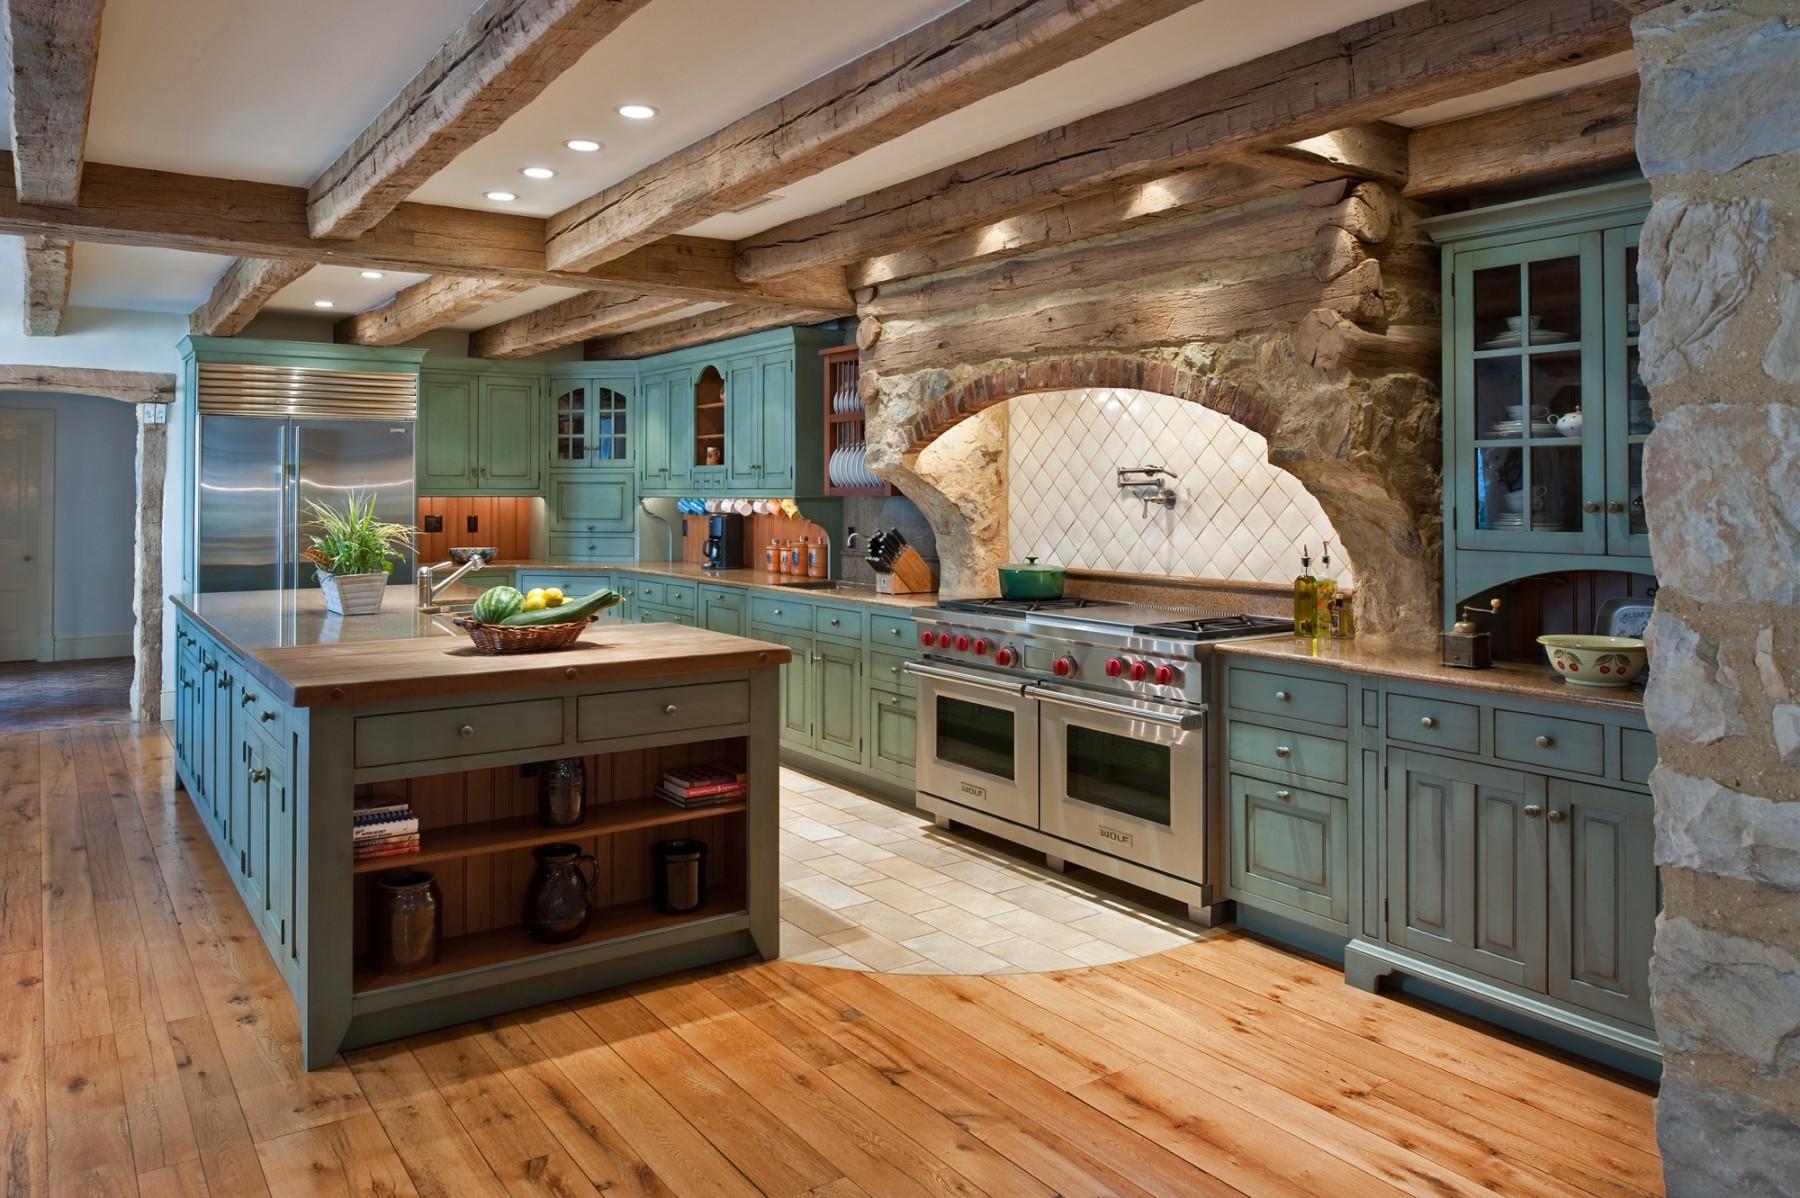 English-style farmhouse kitchen